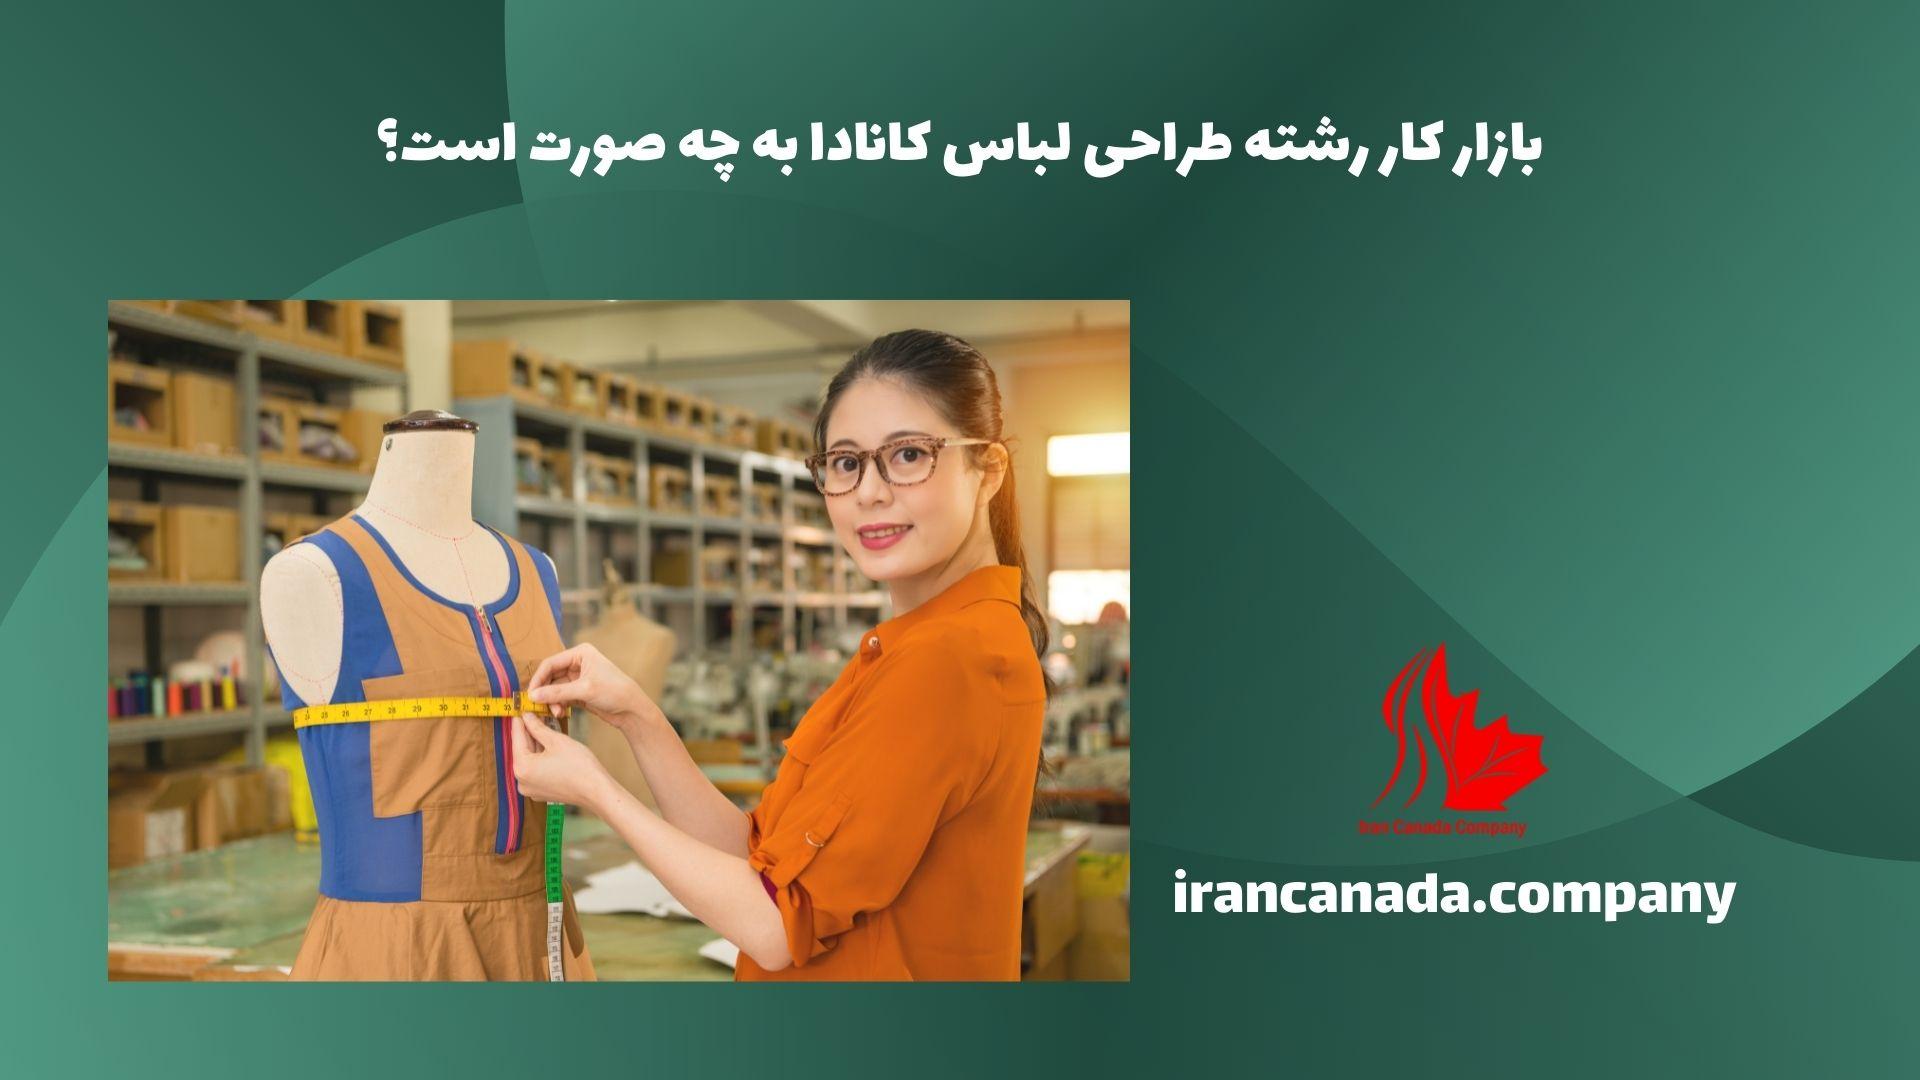 بازار کار رشته طراحی لباس کانادا به چه صورت است؟